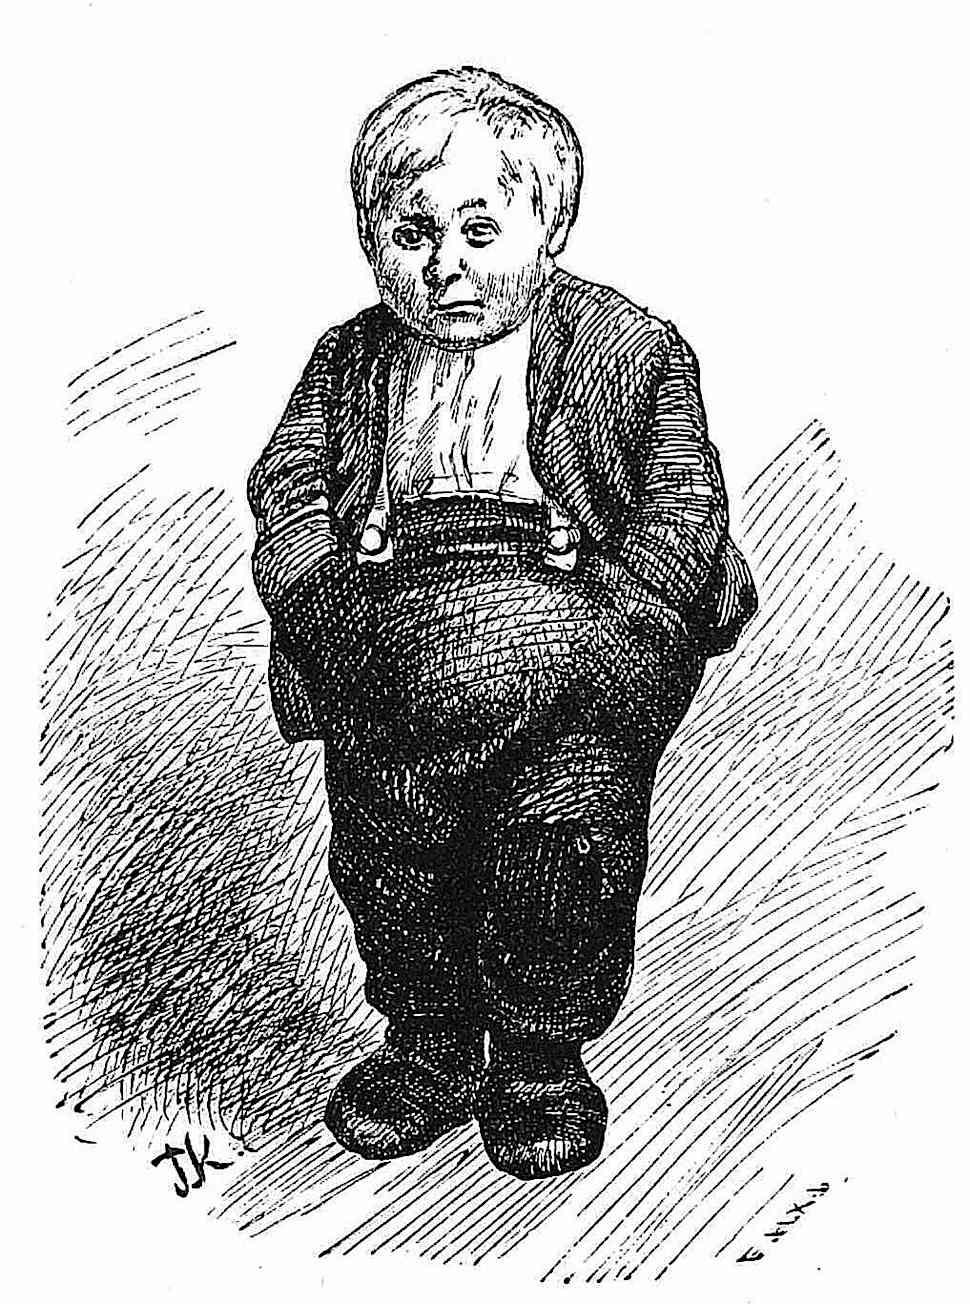 a Theodor Kittelsen illustration of an unusual child